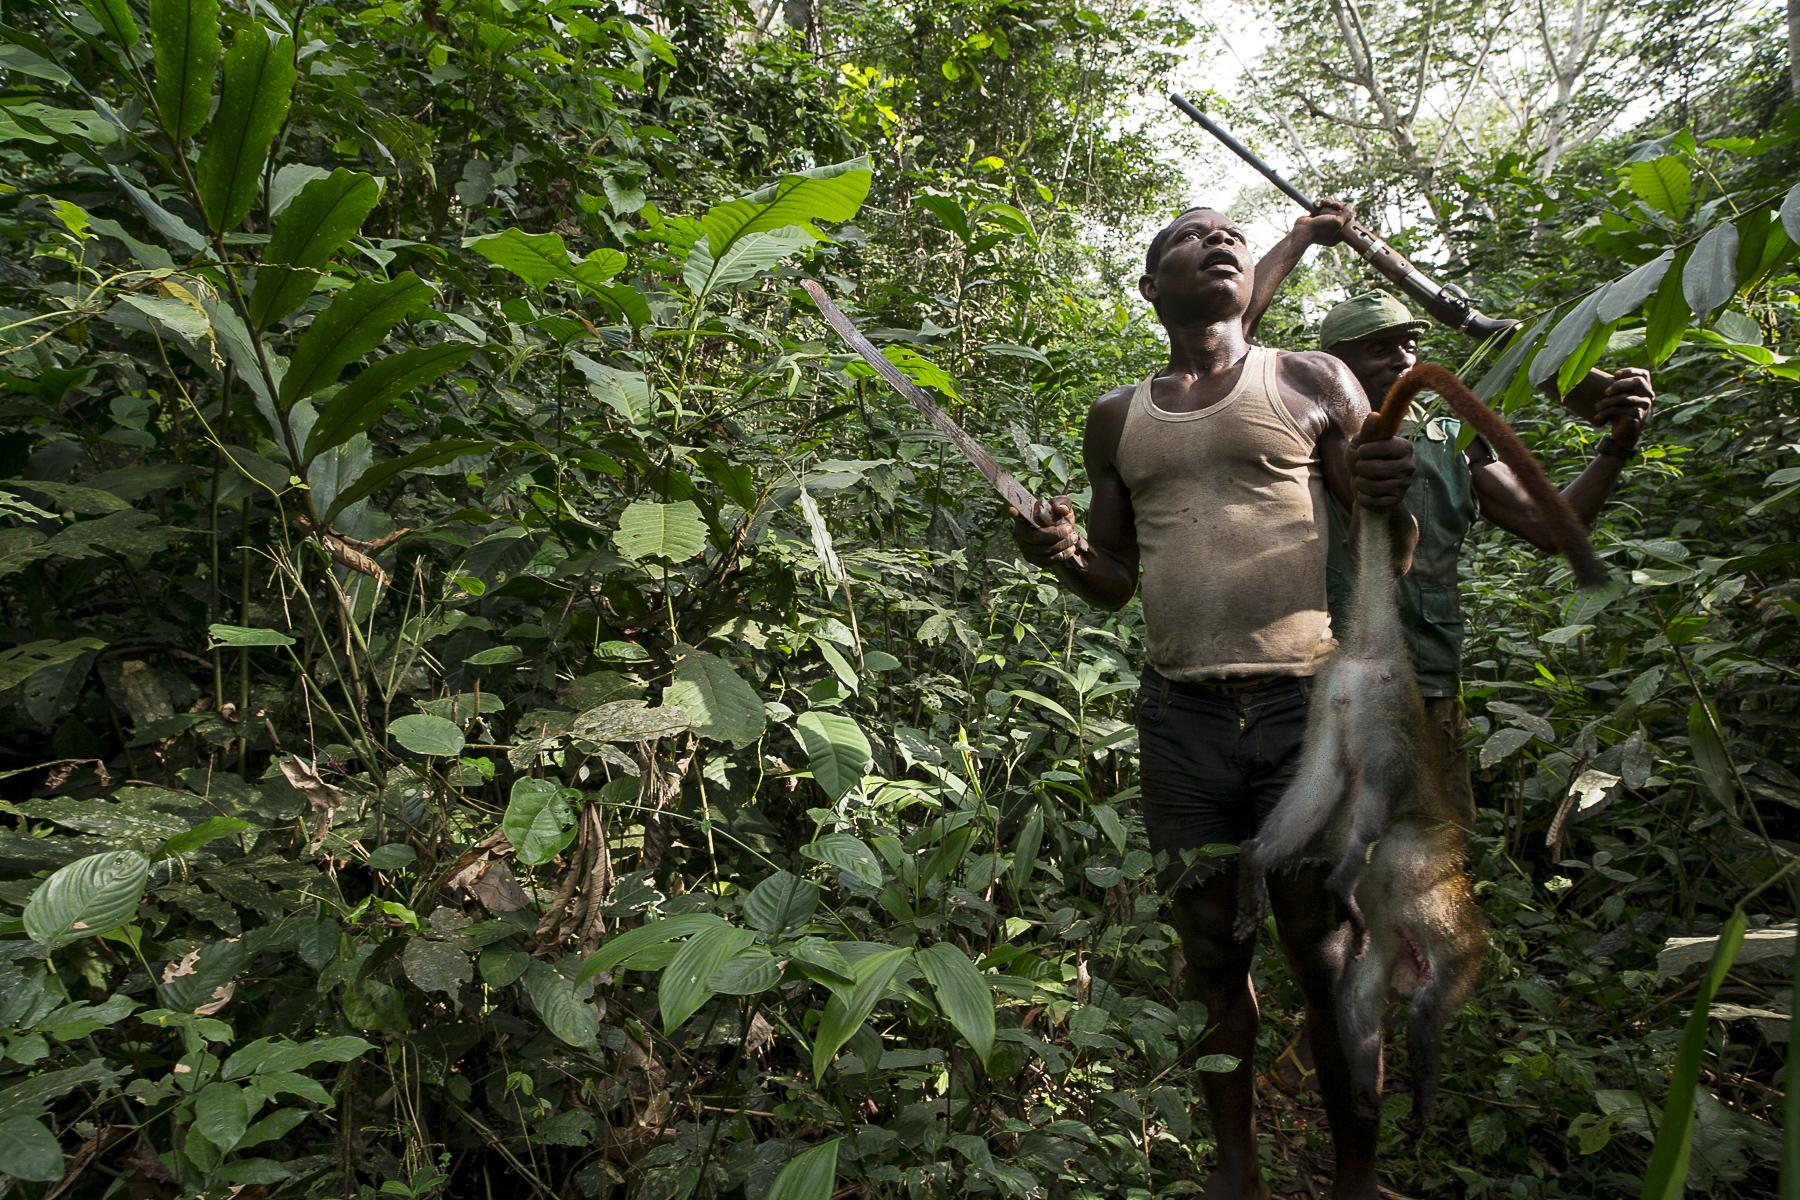 Cameroun, mai 2015. Des pygmés de la région de Koumala à 8 km du point zéro chasse le singe dans la forêt équotorial.Cameroon, May 2015. Pygmees hunting monckeys in Koumala region, 8 km from point zero in the equatorial forest.